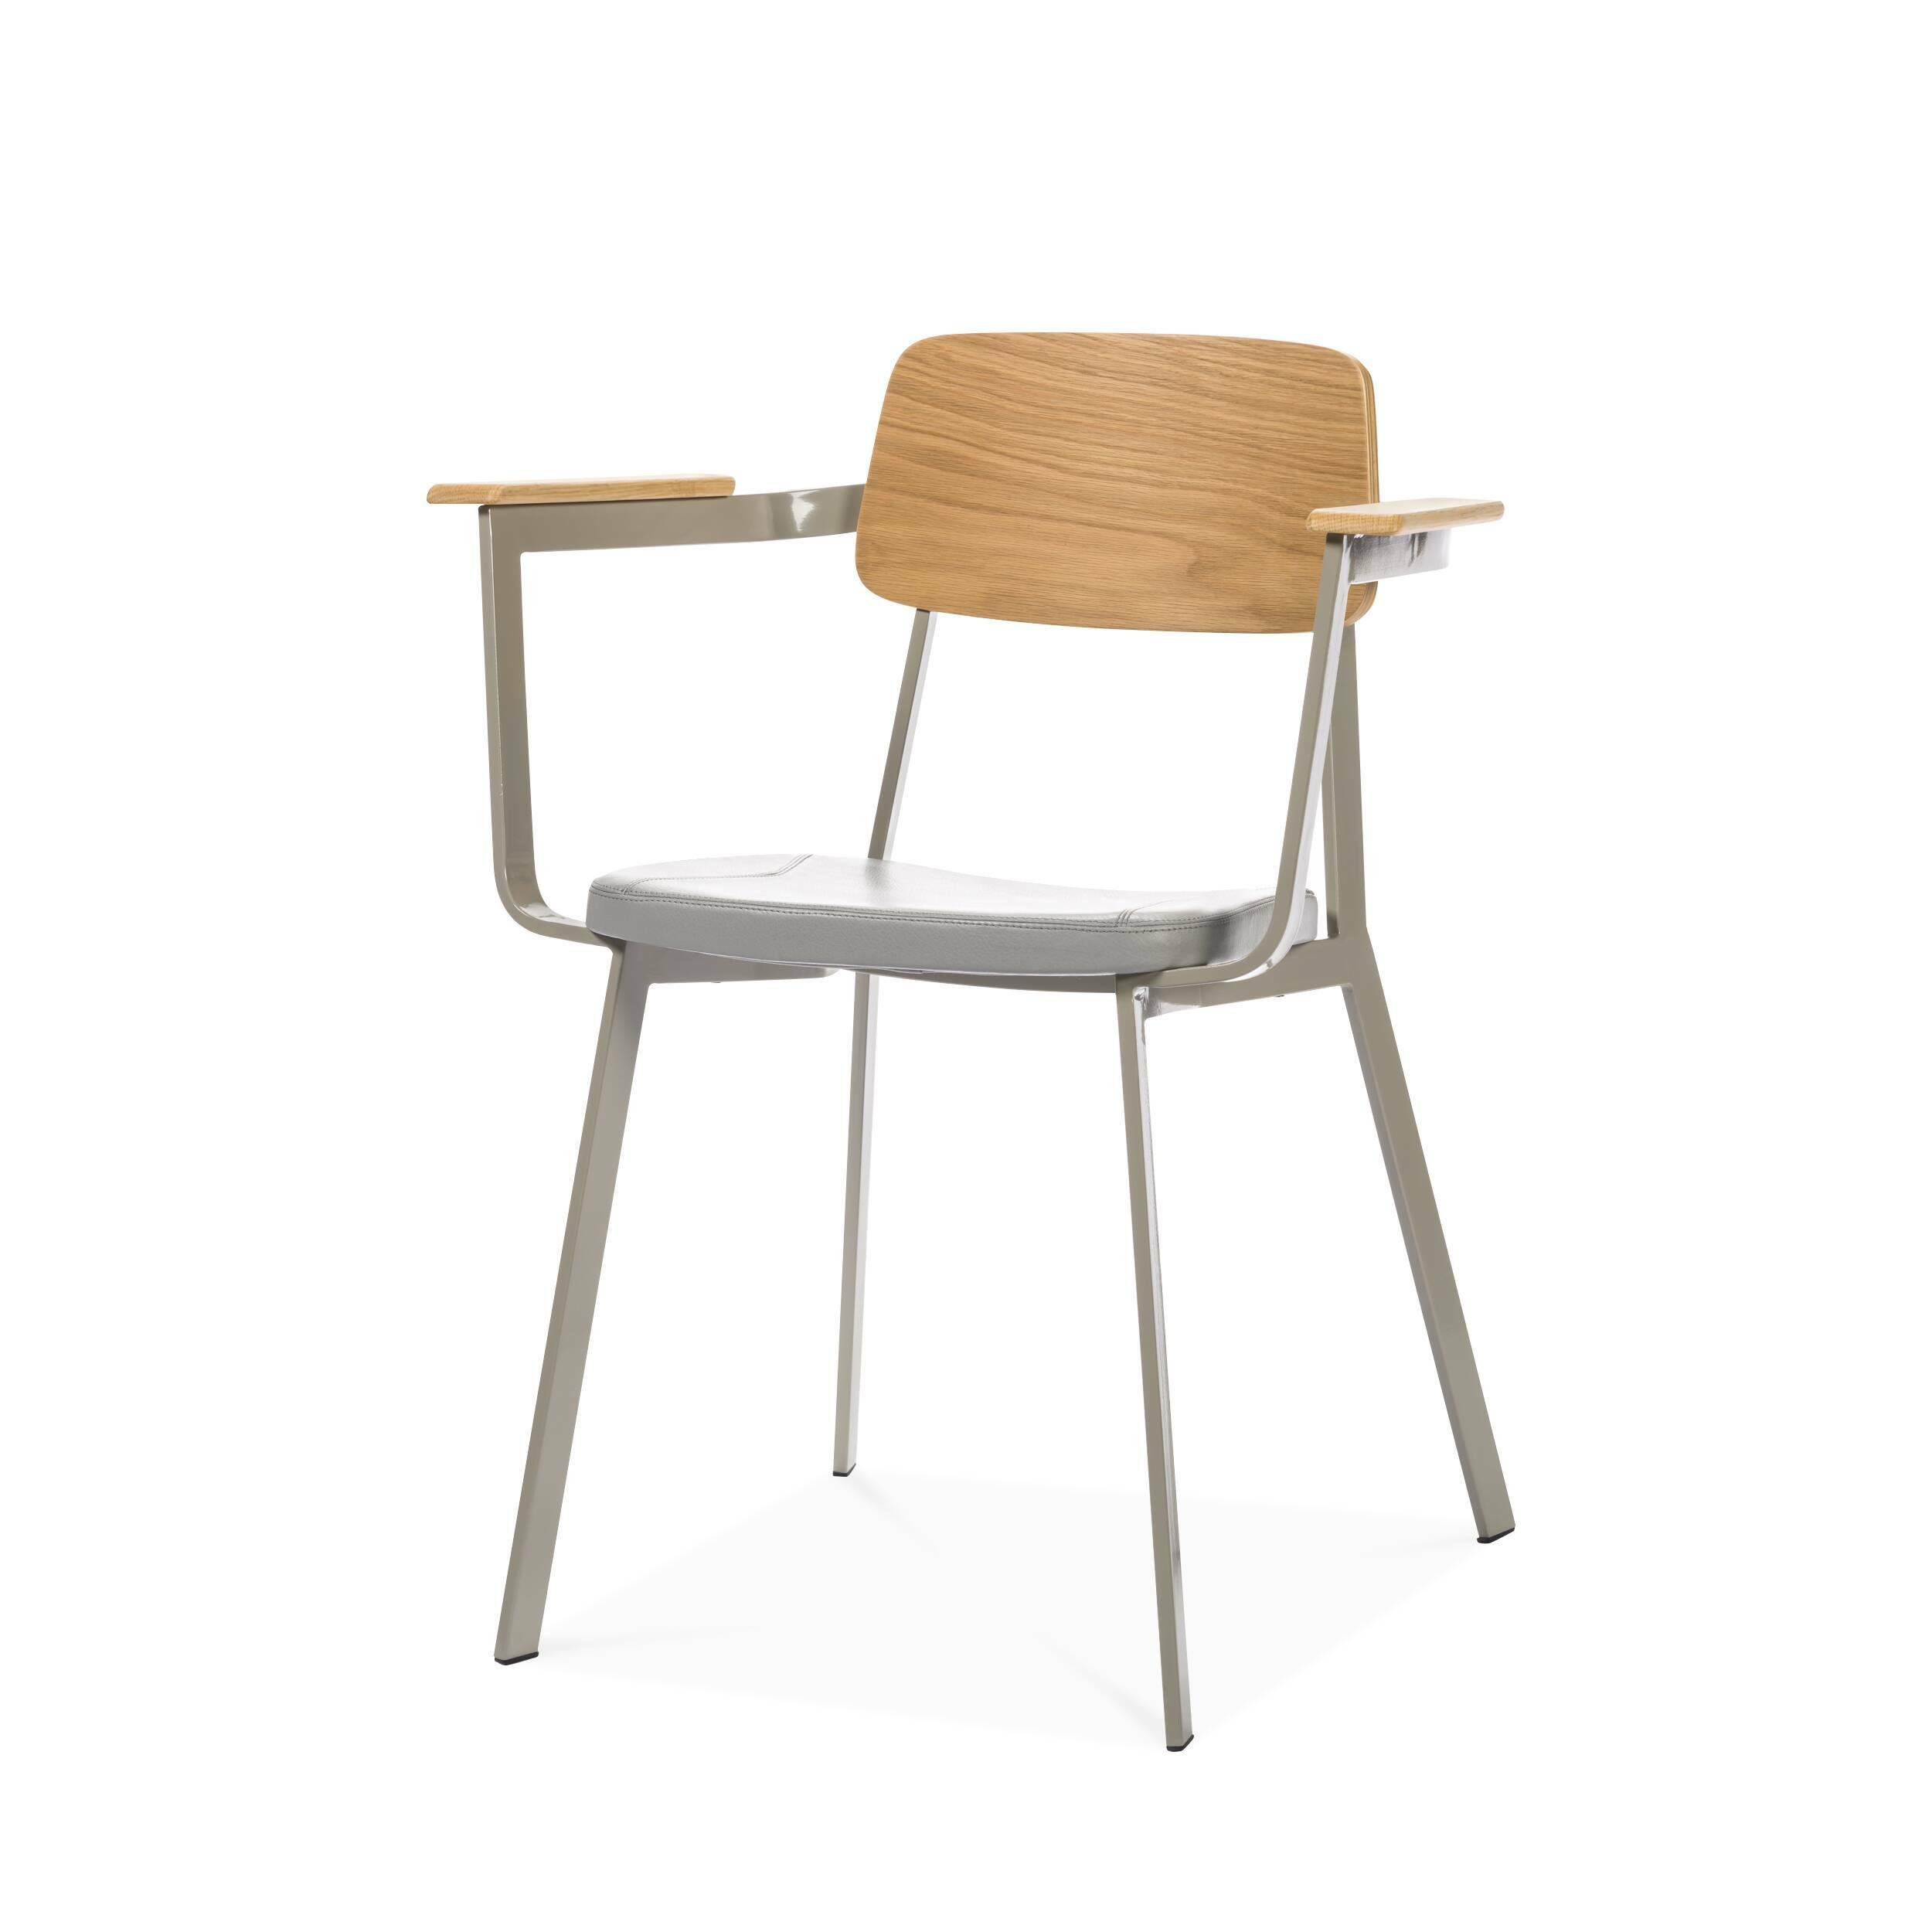 Стул SprintИнтерьерные<br>Дизайнерское интерьерный легкий стул Sprint (Спринт) на длинных металлических ножках от Cosmo (Космо).<br><br><br> Отправляясь в Италию на каникулы, обязательно прокатитесь по узким улочкам Рима или Флоренции на скутере — классической модели Vespa Sprint, быстрой, маневренной и лаконичной в своем дизайне. Вот уже больше полувека — это любимое транспортное средство местных жителей. Возможно, именно вдохновившись формой и функциональностью итальянского скутера, Шон Дикс воплотил их в таком повседн...<br><br>stock: 9<br>Высота: 75<br>Высота сиденья: 46<br>Ширина: 62<br>Глубина: 50<br>Цвет ножек: Светло-серый<br>Материал каркаса: Фанера, шпон дуба<br>Тип материала каркаса: Фанера<br>Цвет сидения: Темно-серый<br>Тип материала сидения: Кожа<br>Коллекция ткани: Harry Leather<br>Тип материала ножек: Сталь<br>Цвет каркаса: Дуб